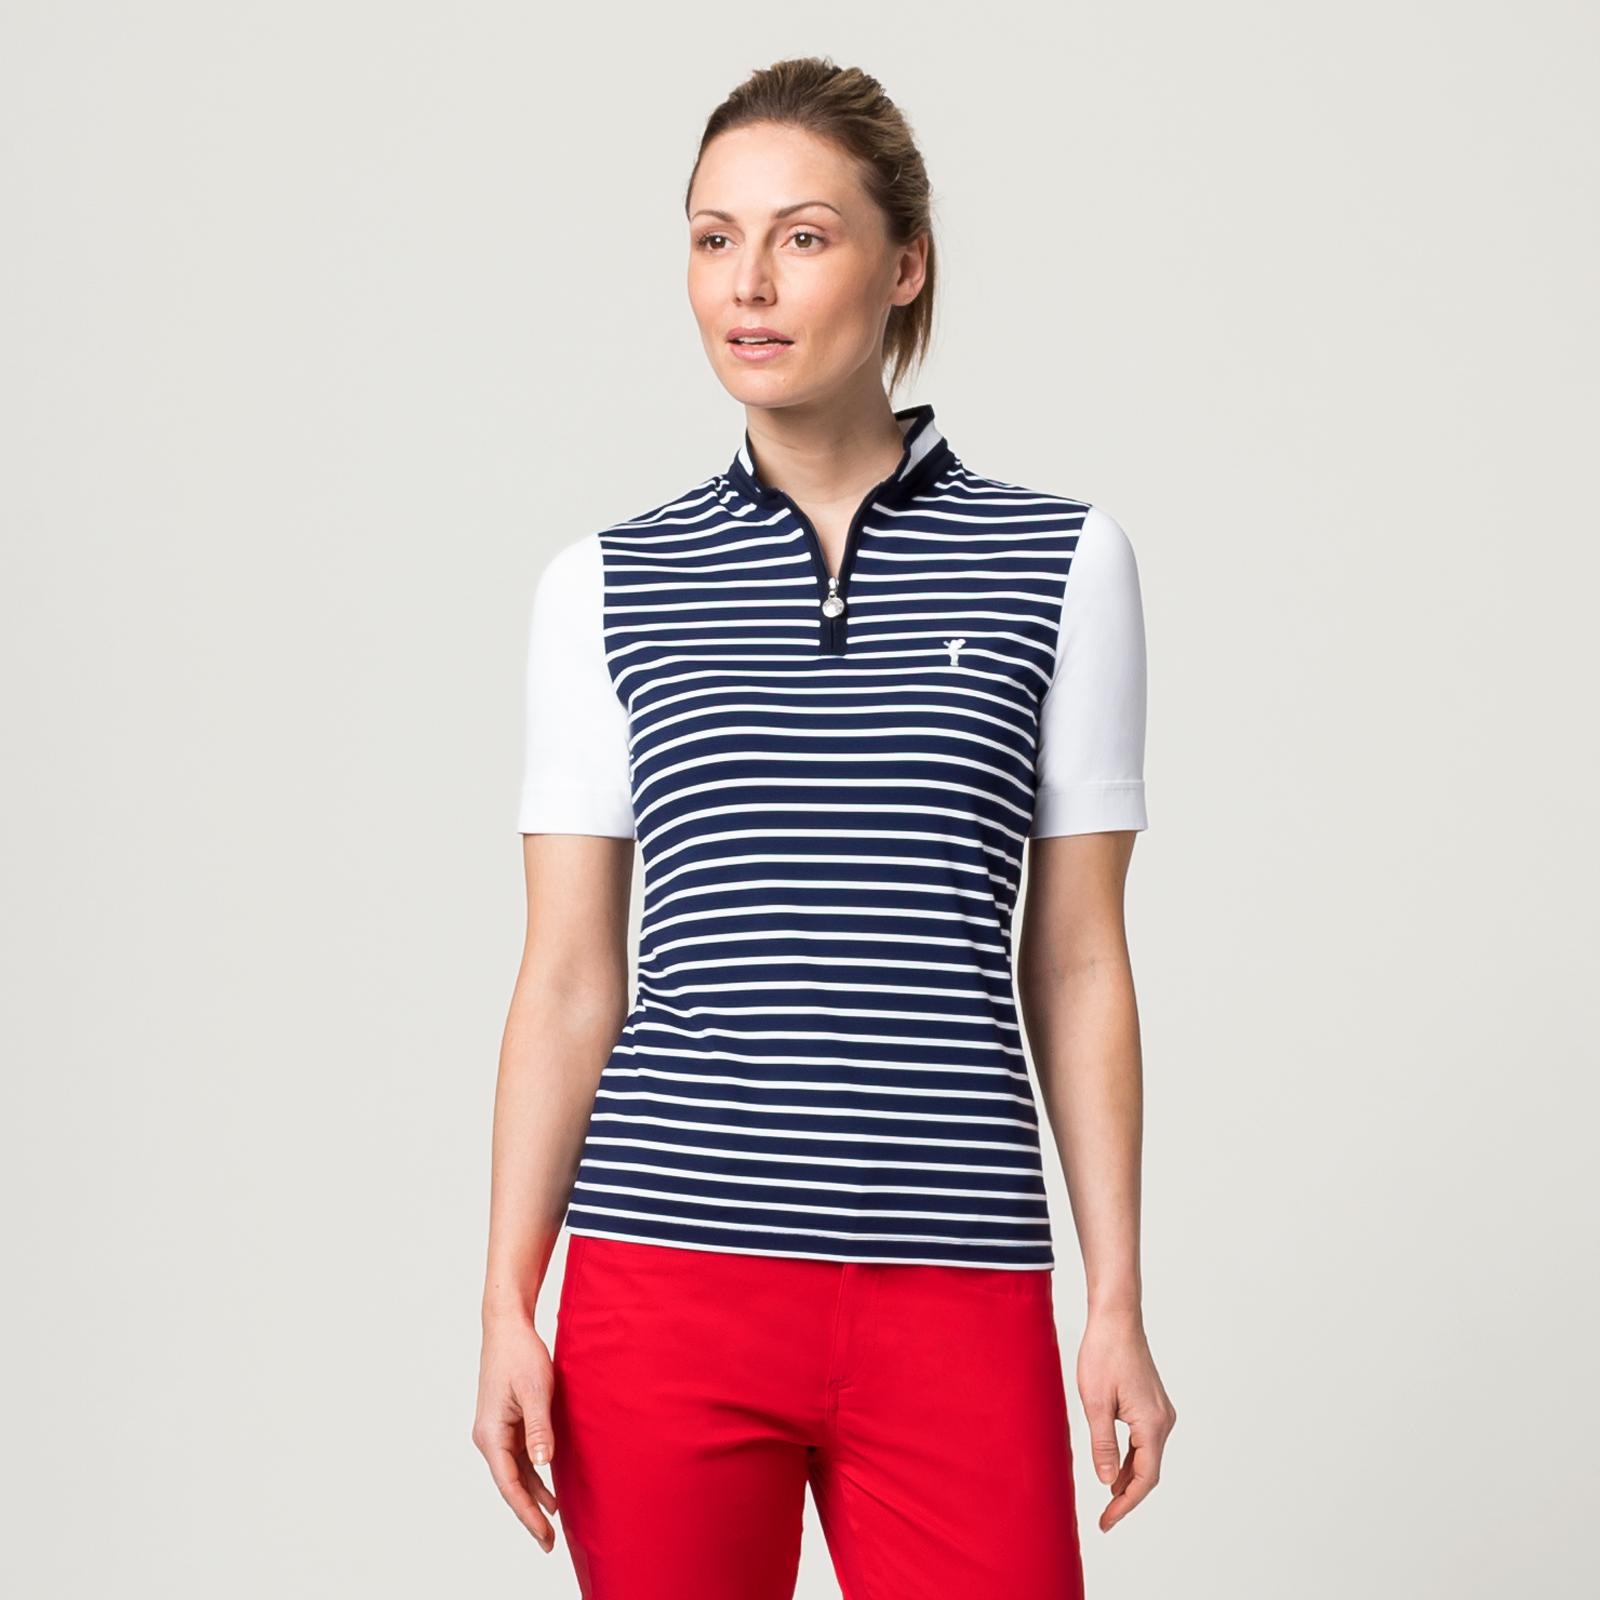 Damen Golf Poloshirt mit Sonnenschutz und Extra Stretch-Komfort